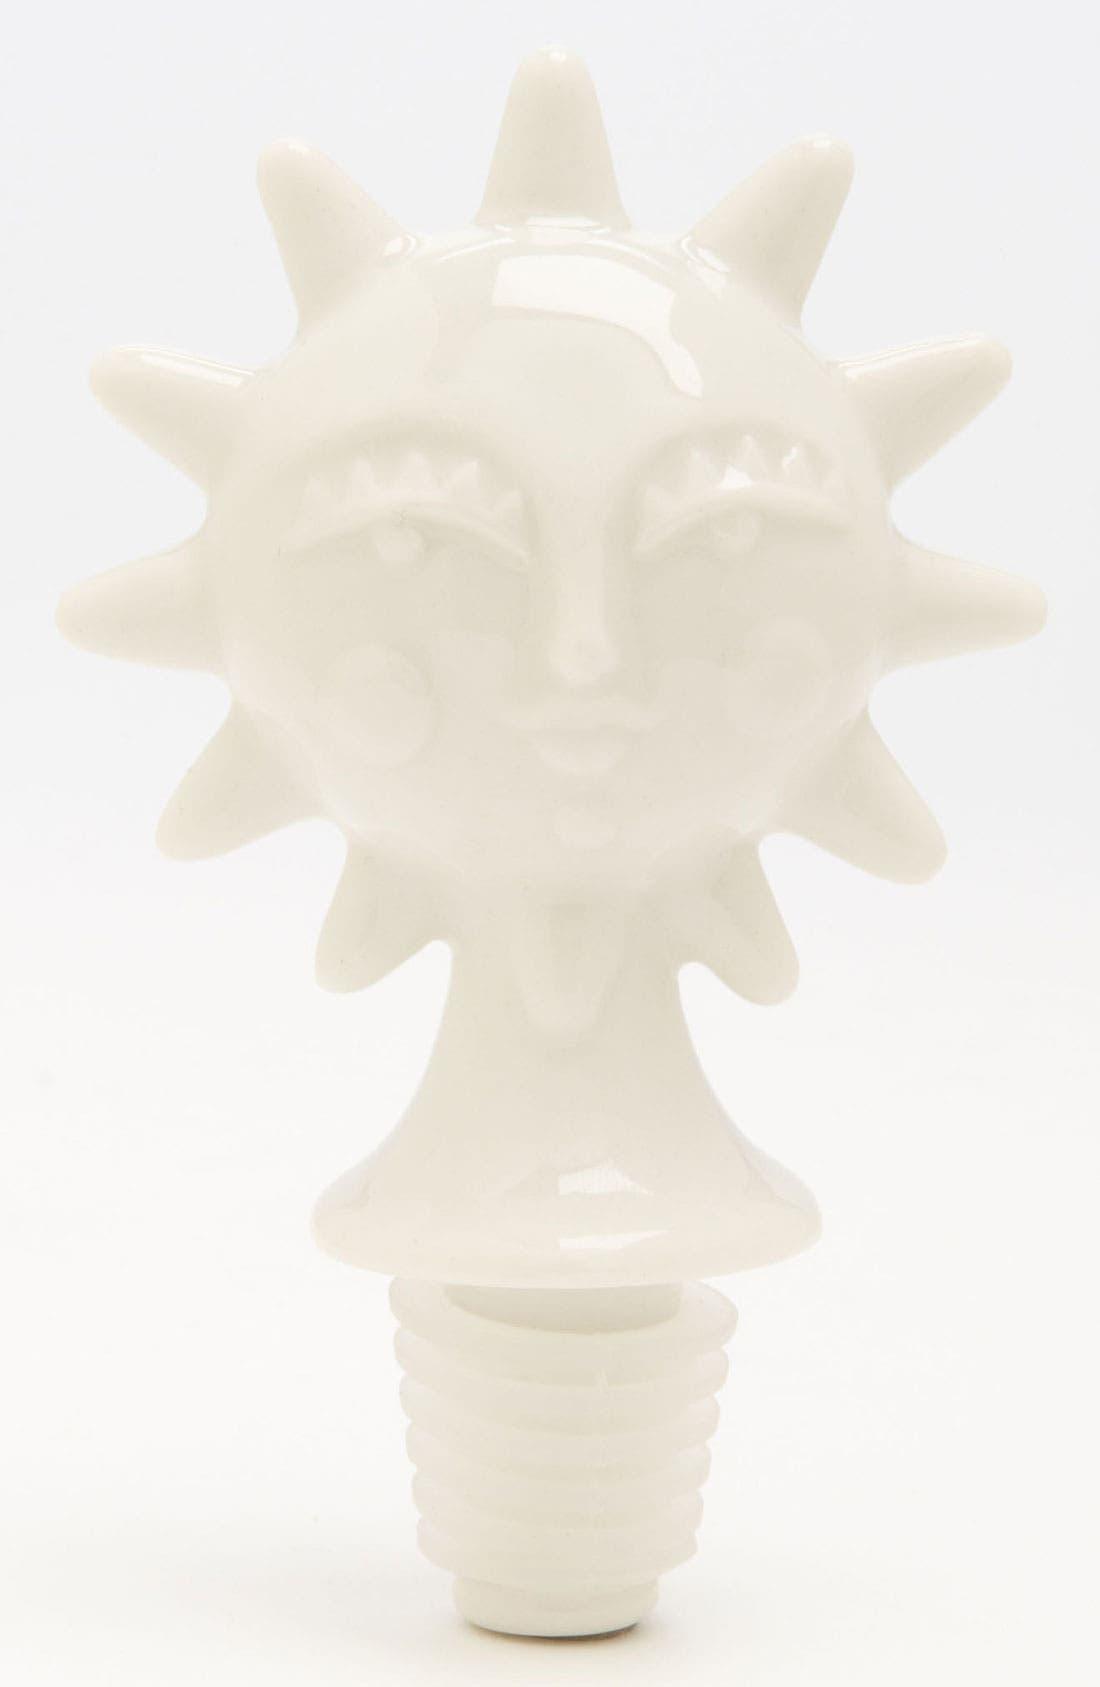 Main Image - Jonathan Adler 'Utopia Sun' Bottle Stopper